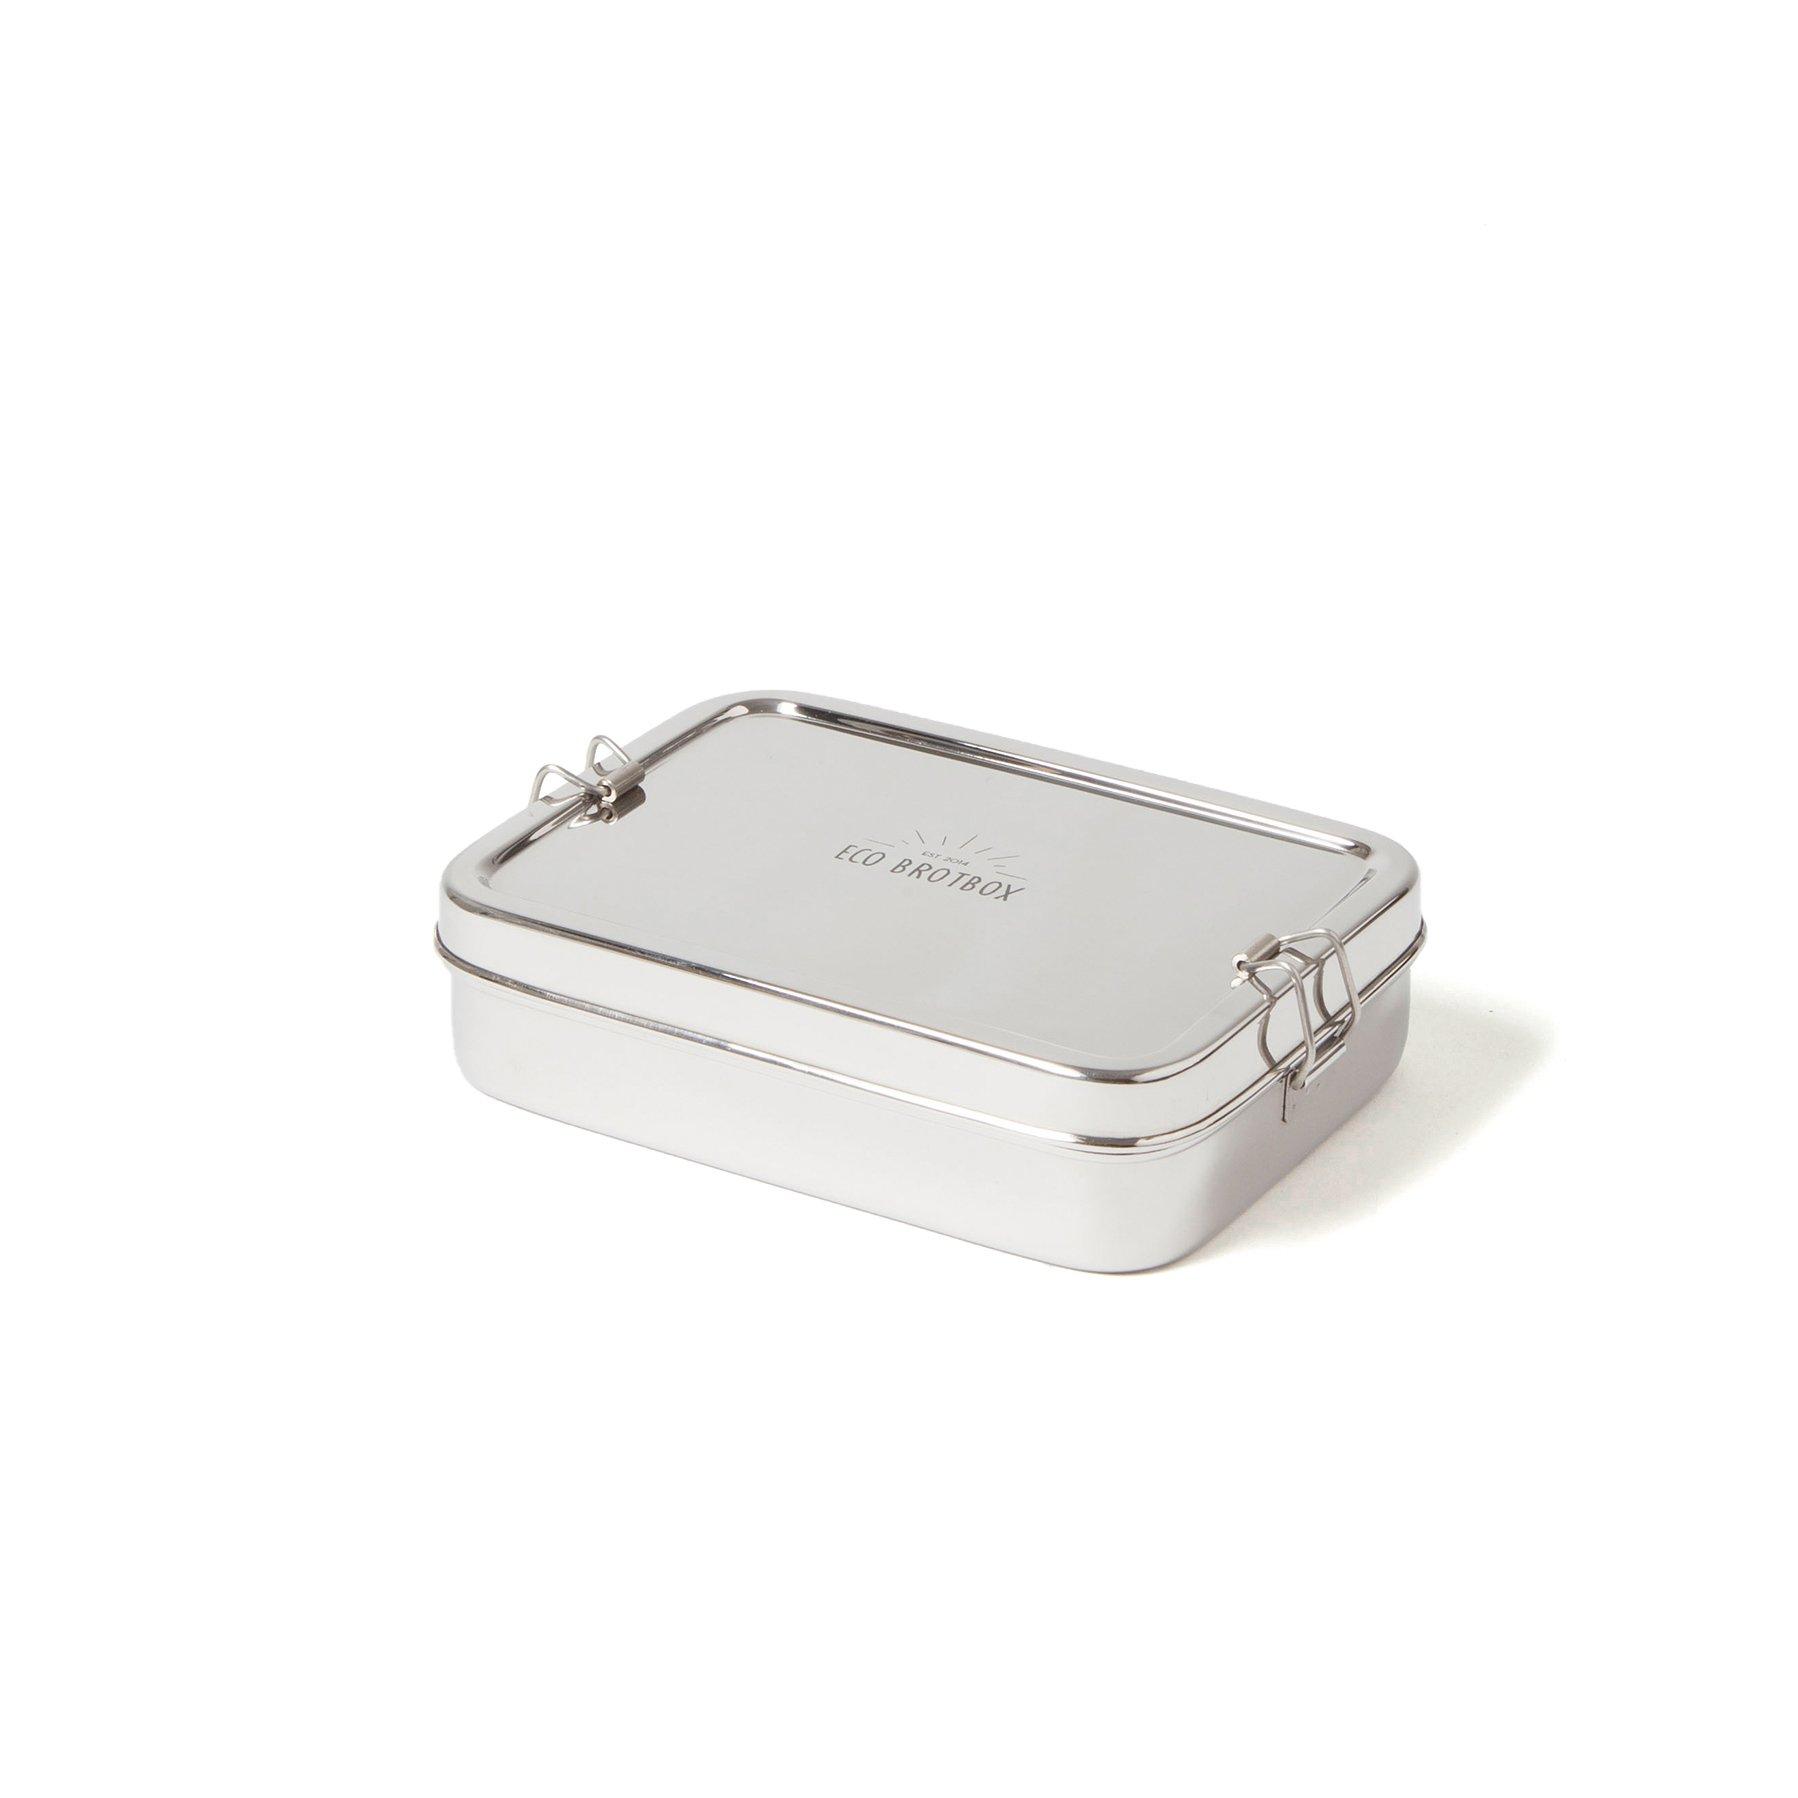 brotbox xl rechteckiger einlagiger behälter mit separater snackbox inkl. deckel